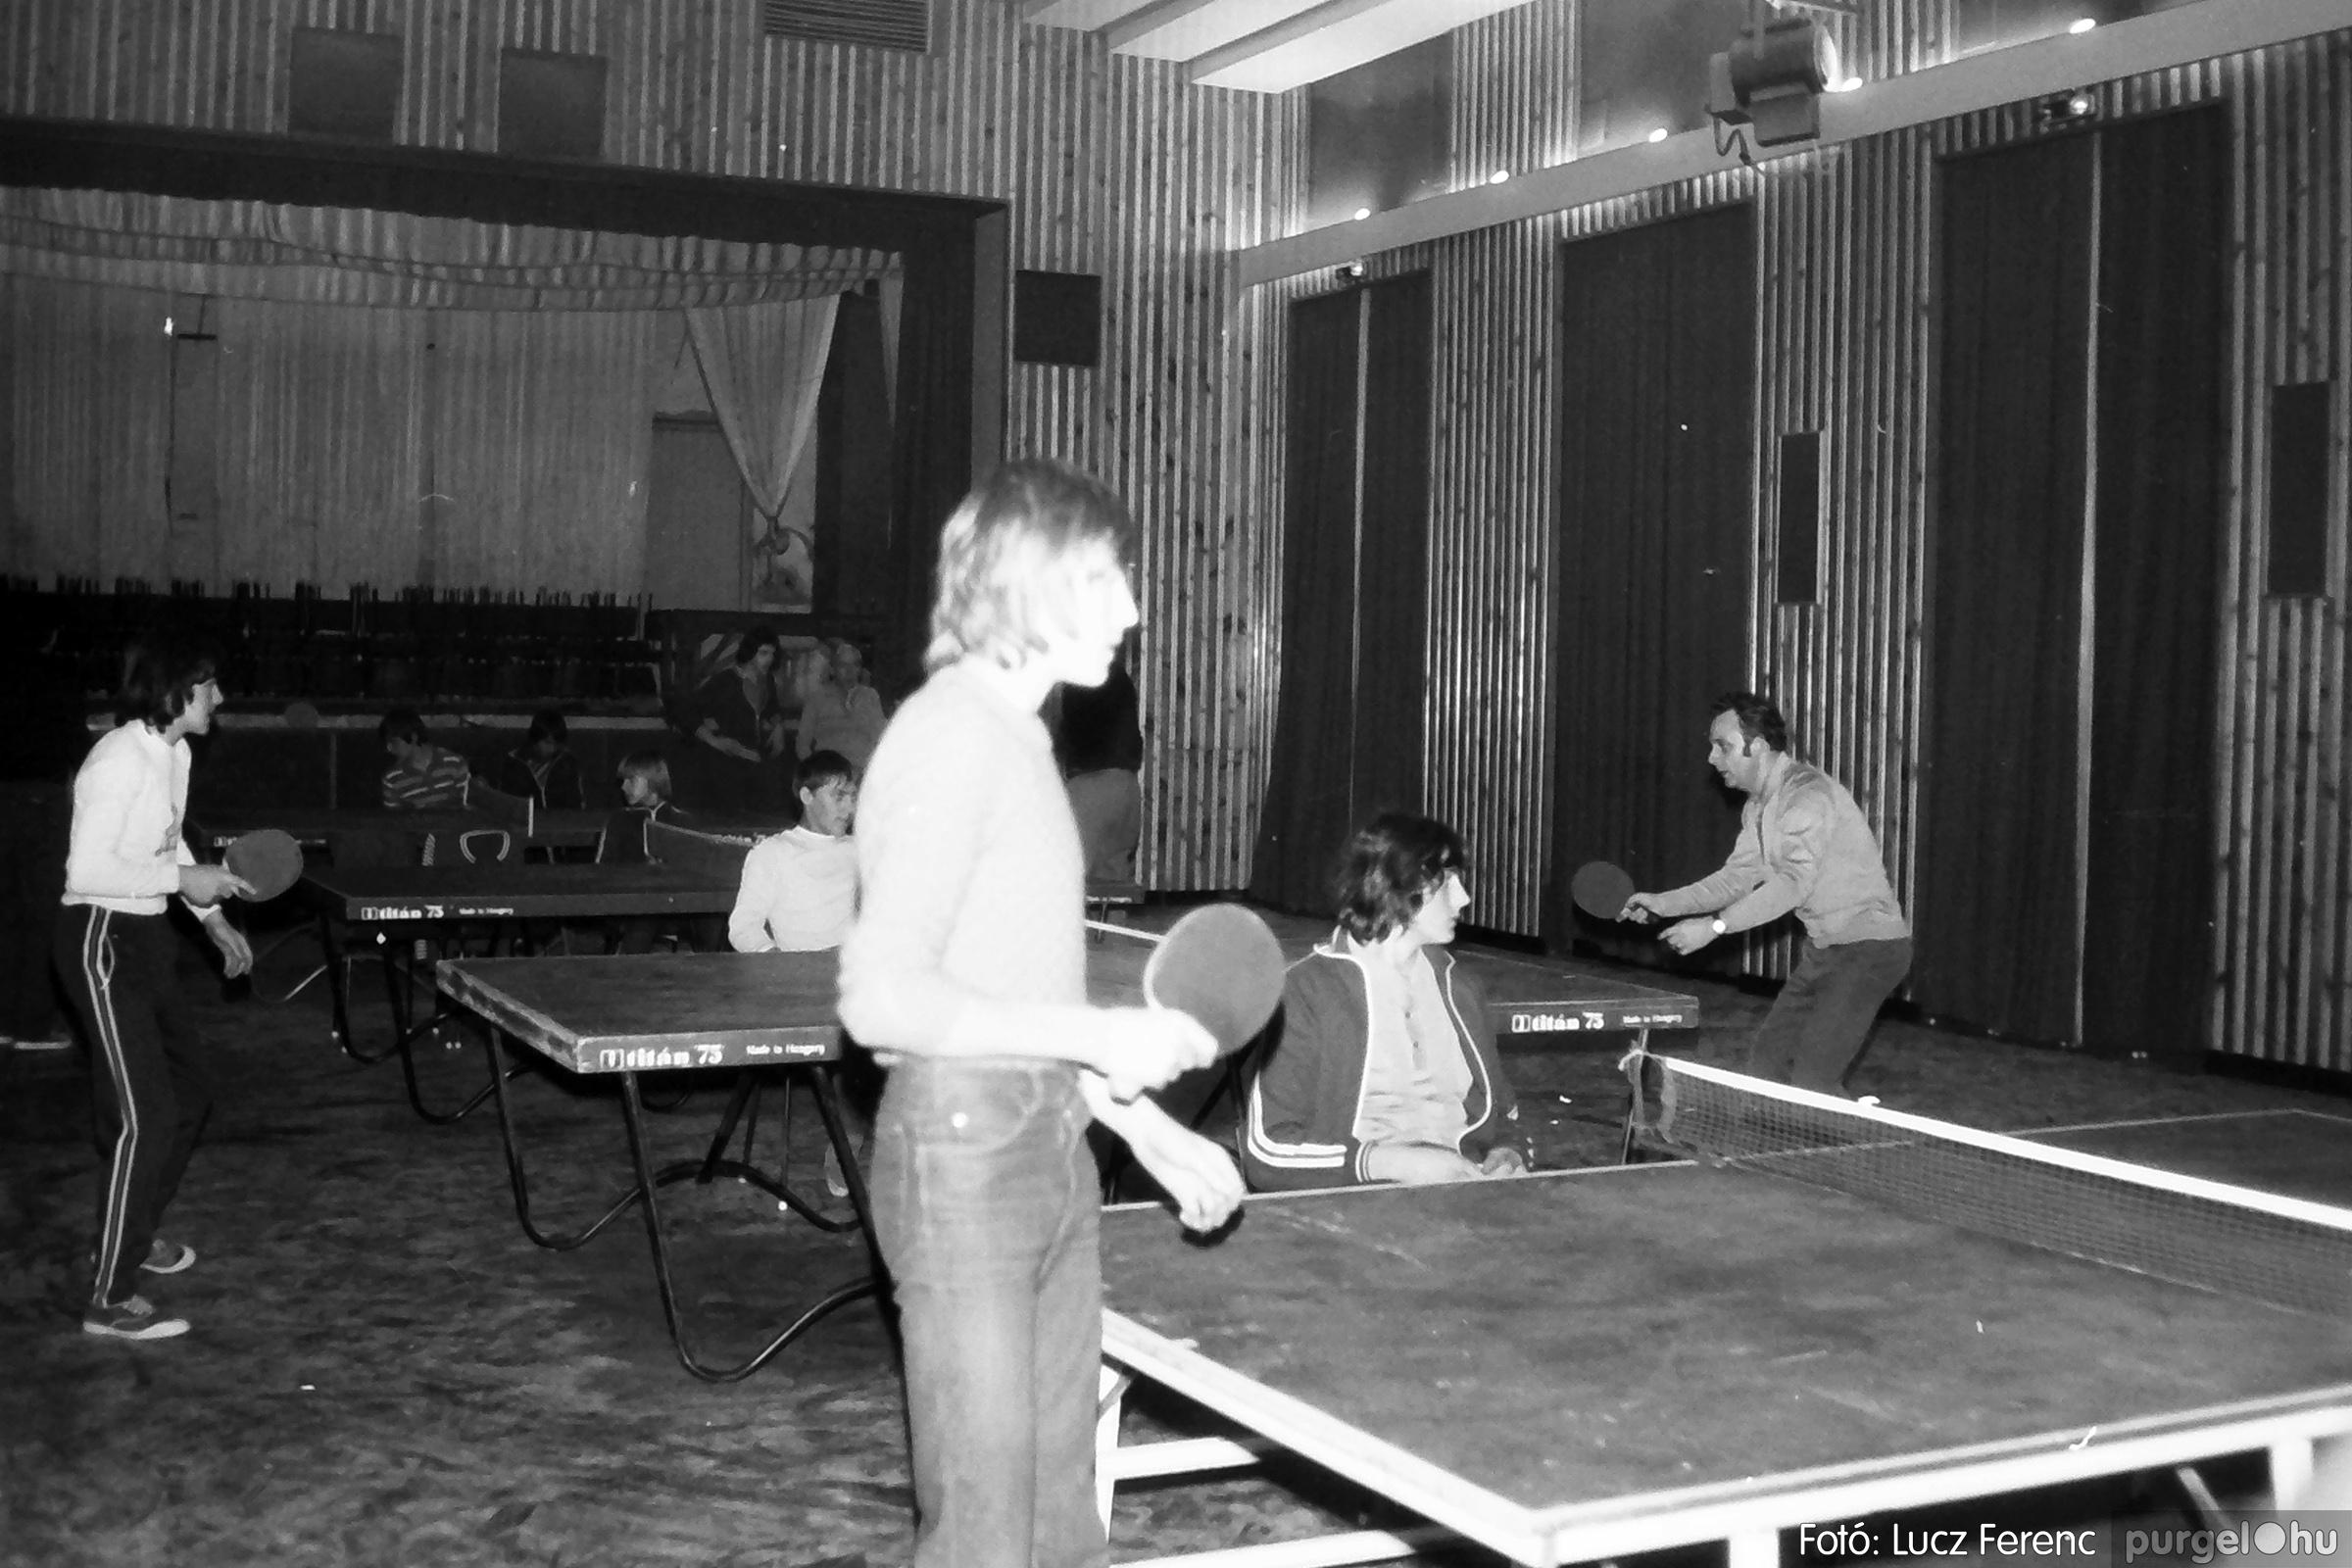 073. 1977. Asztaltenisz verseny 007. - Fotó: Lucz Ferenc.jpg